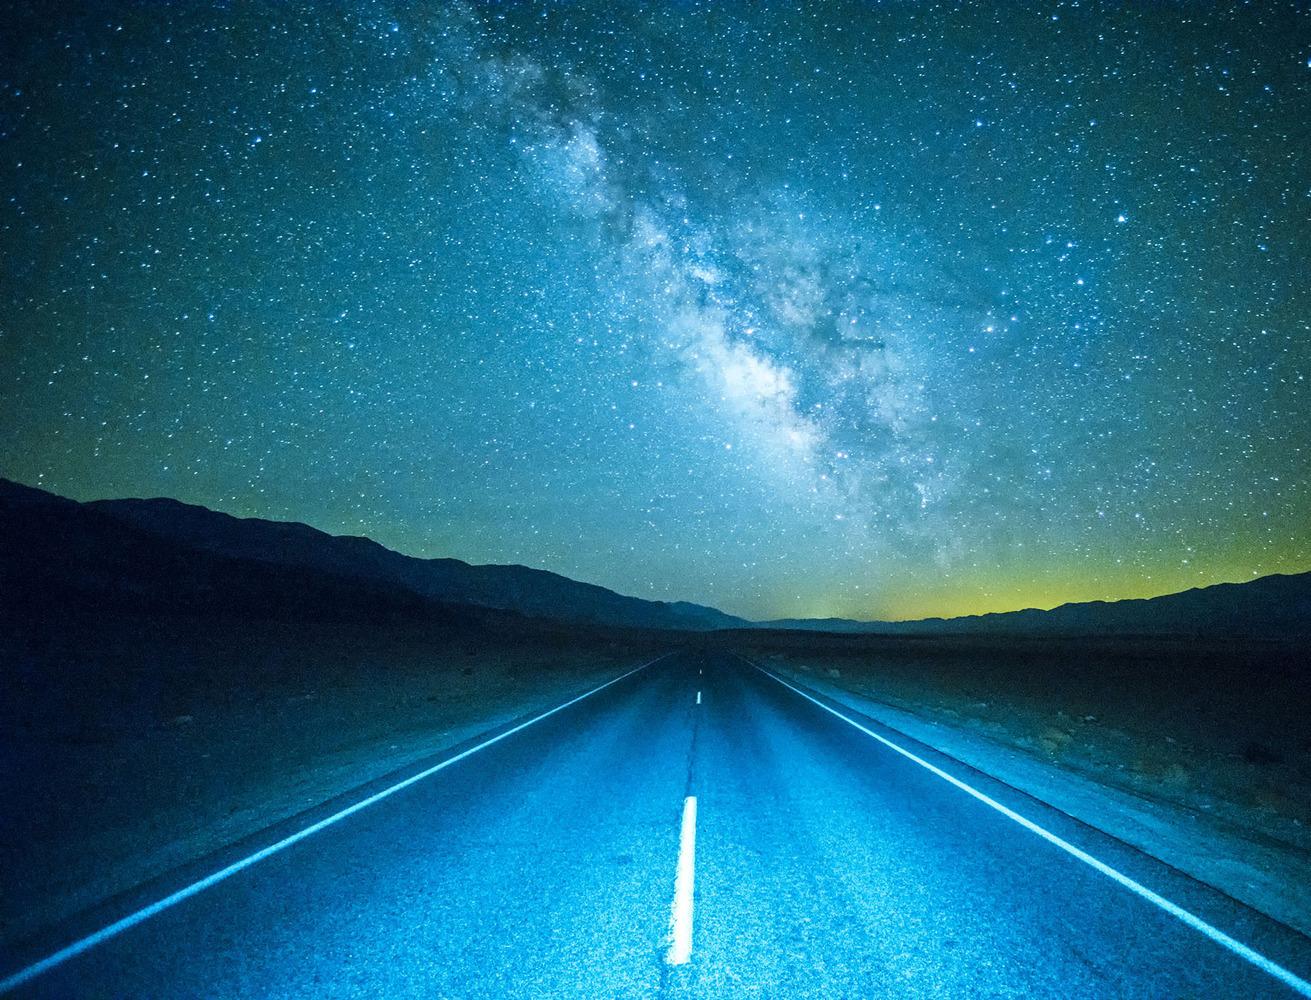 Дорога и звездное небо